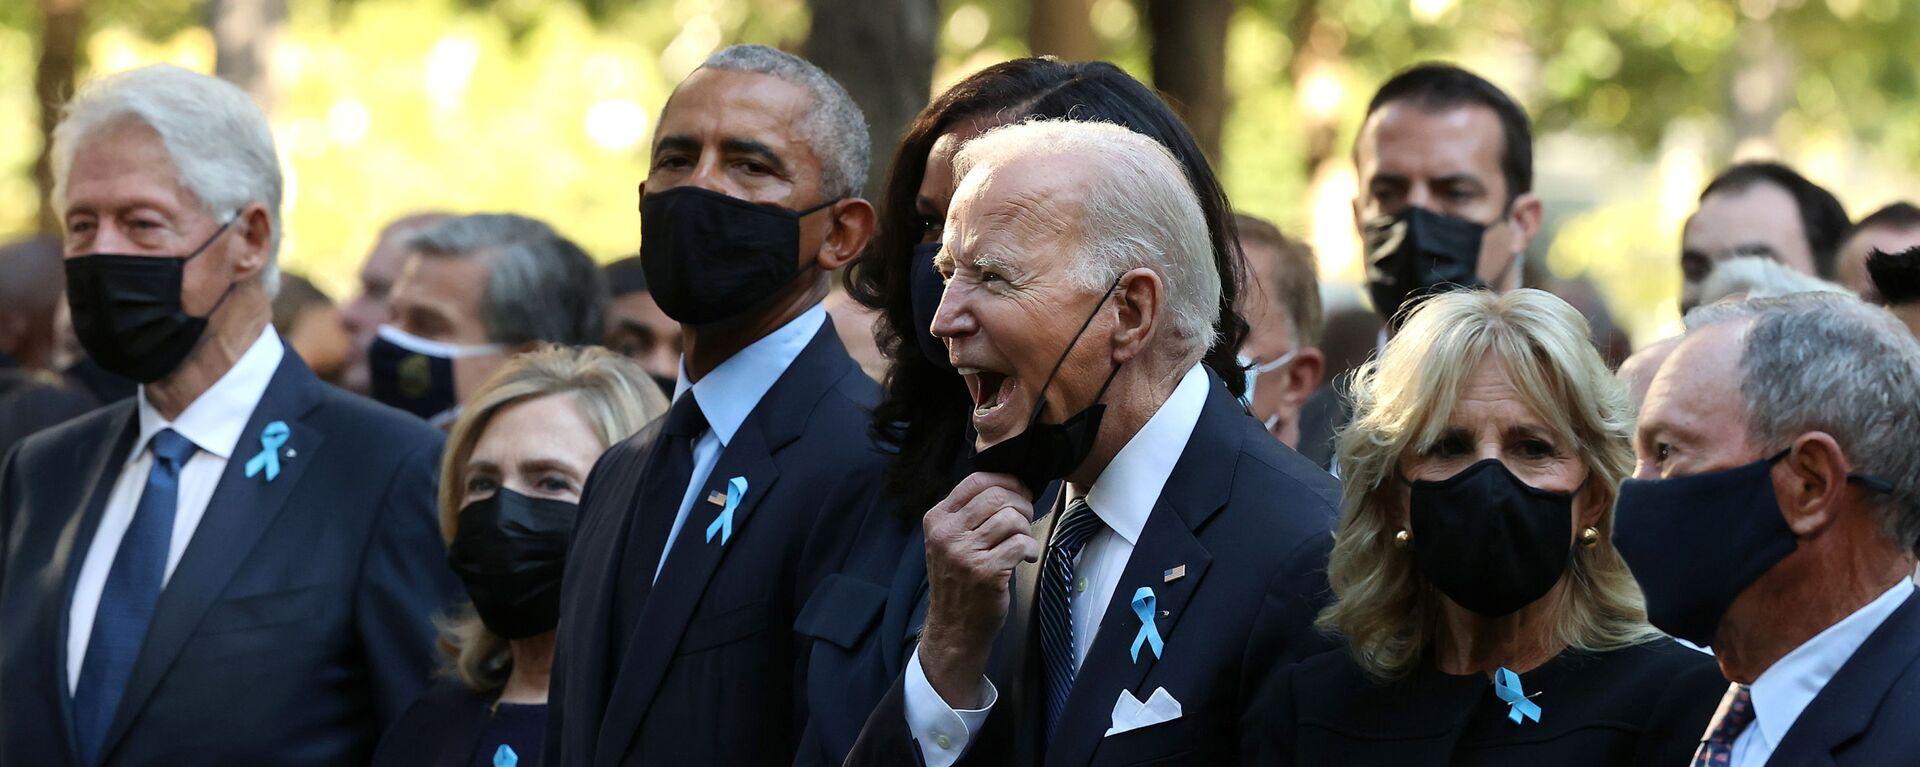 Президент США Джо Байден в окружении бывших лидеров США на траурной церемонии памяти жертв терактов 11 сентября 2001-го в Нью-Йорке - Sputnik Česká republika, 1920, 11.09.2021